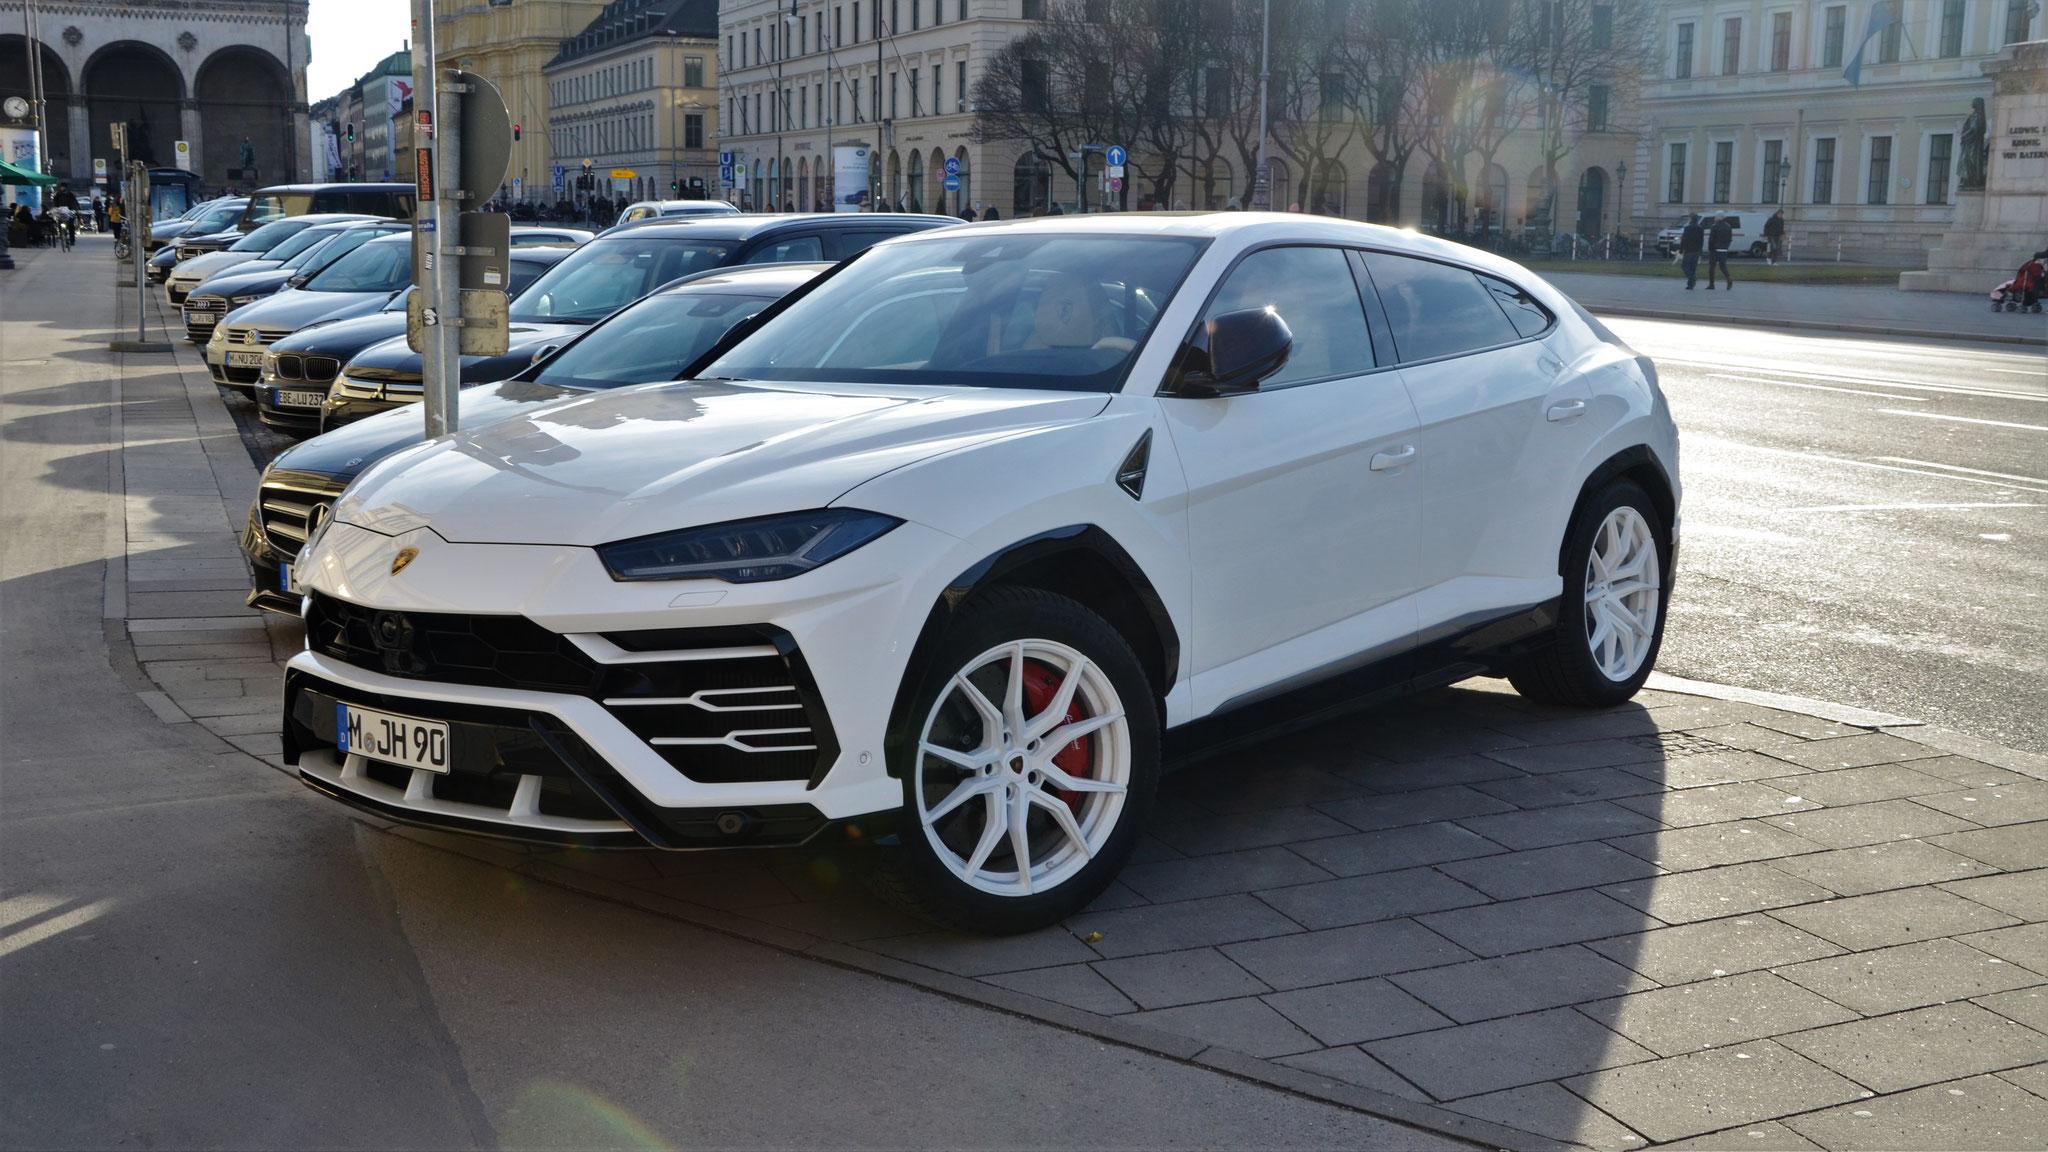 Lamborghini Urus - M-JH-90